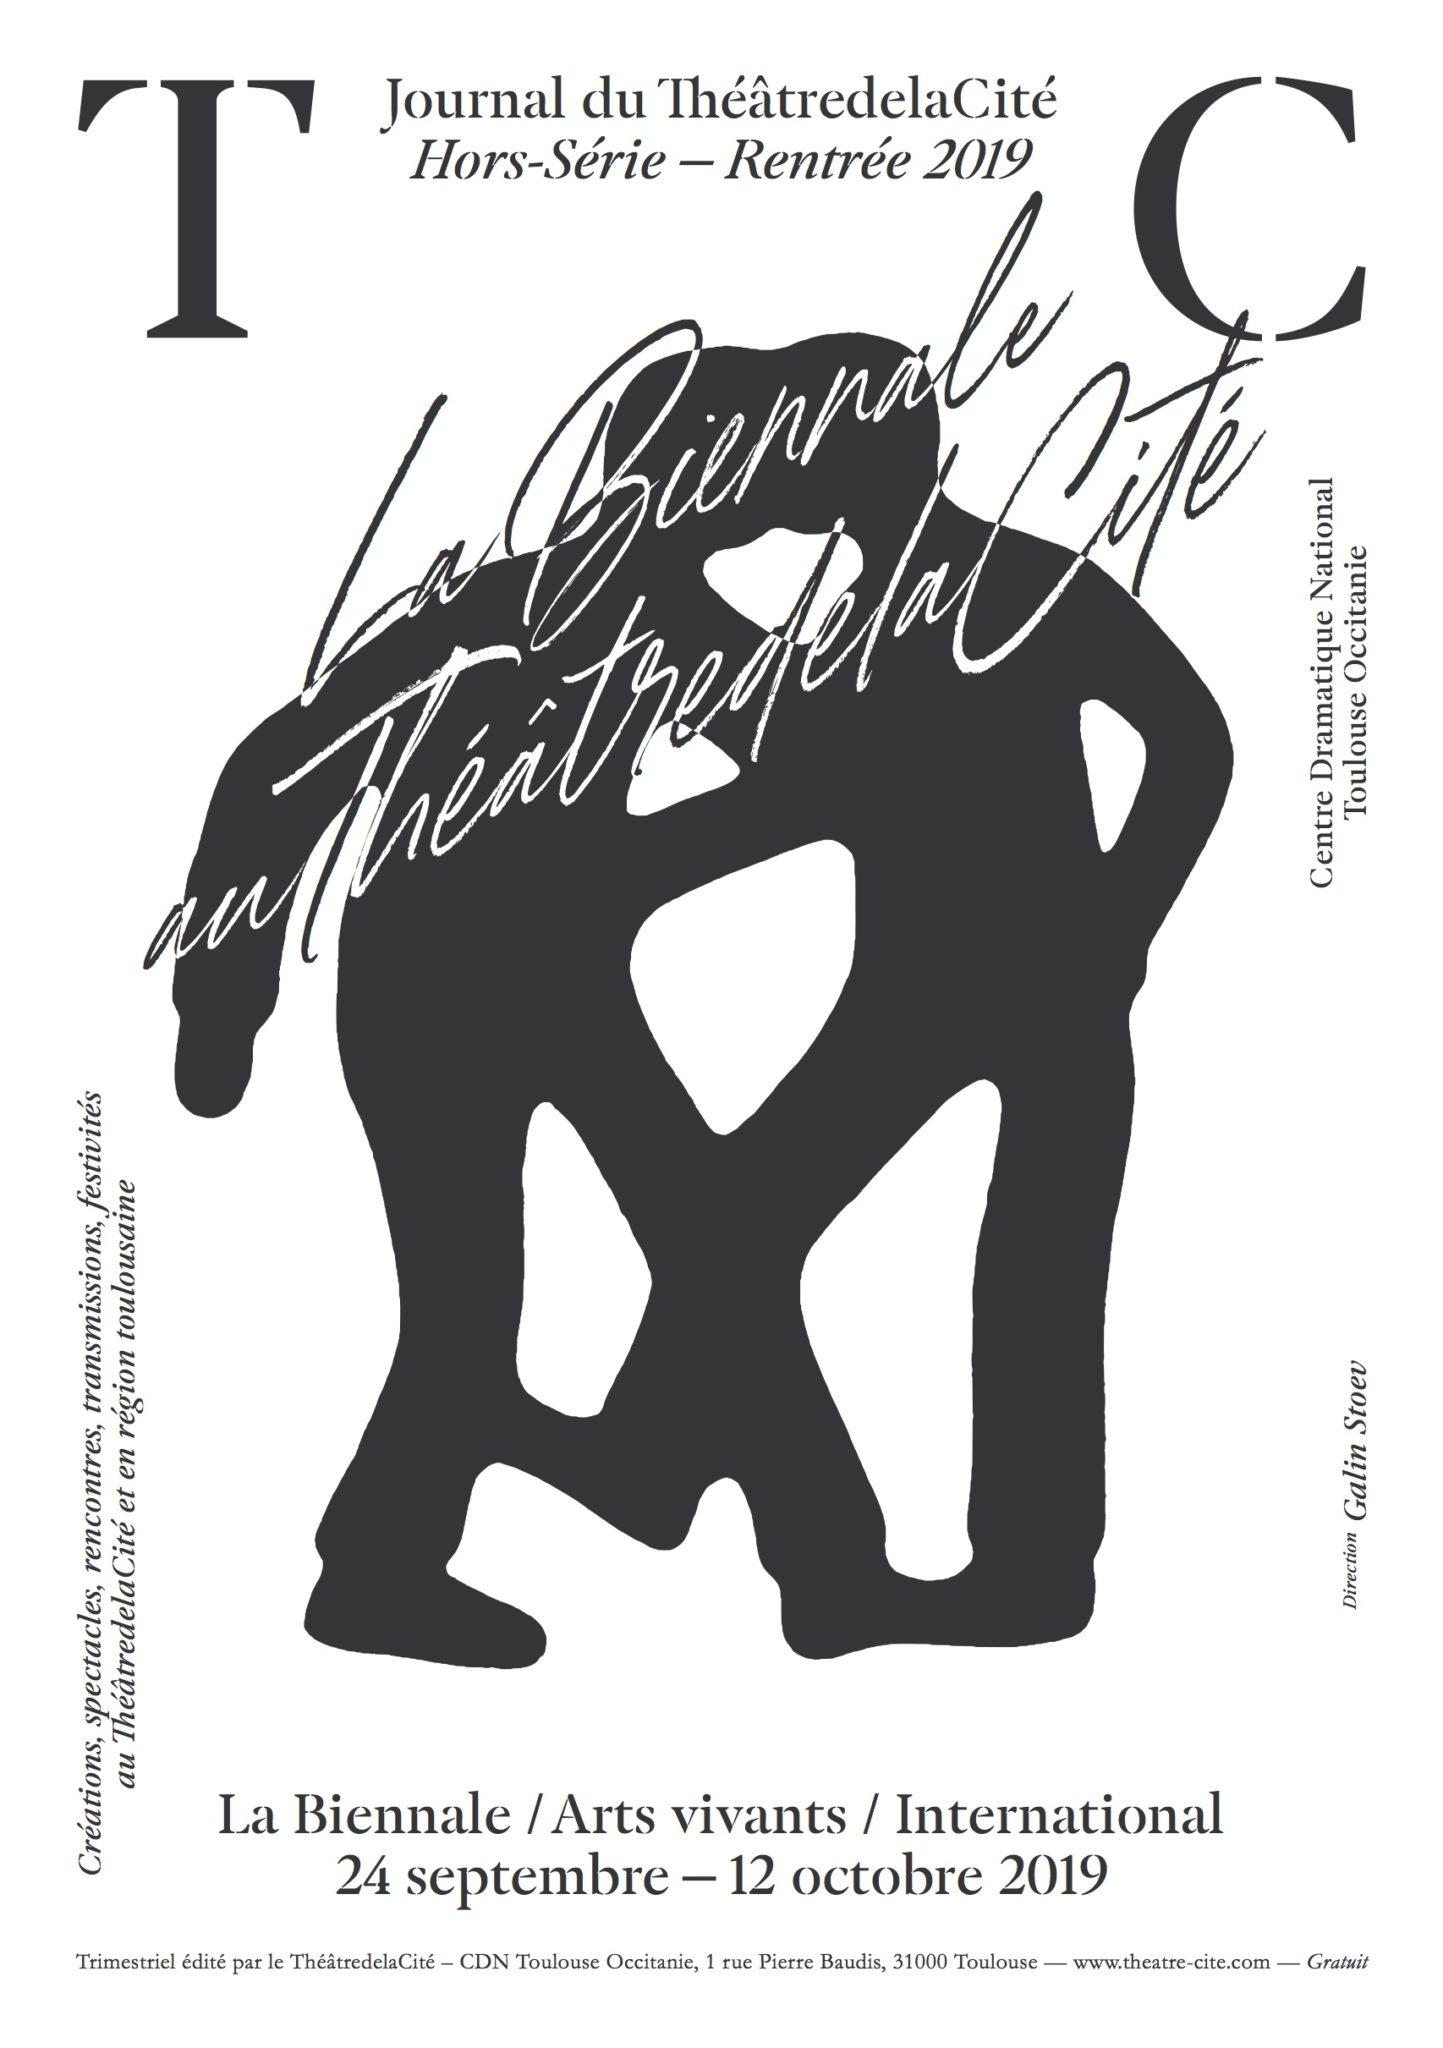 Journal trimestriel La Biennale au TC